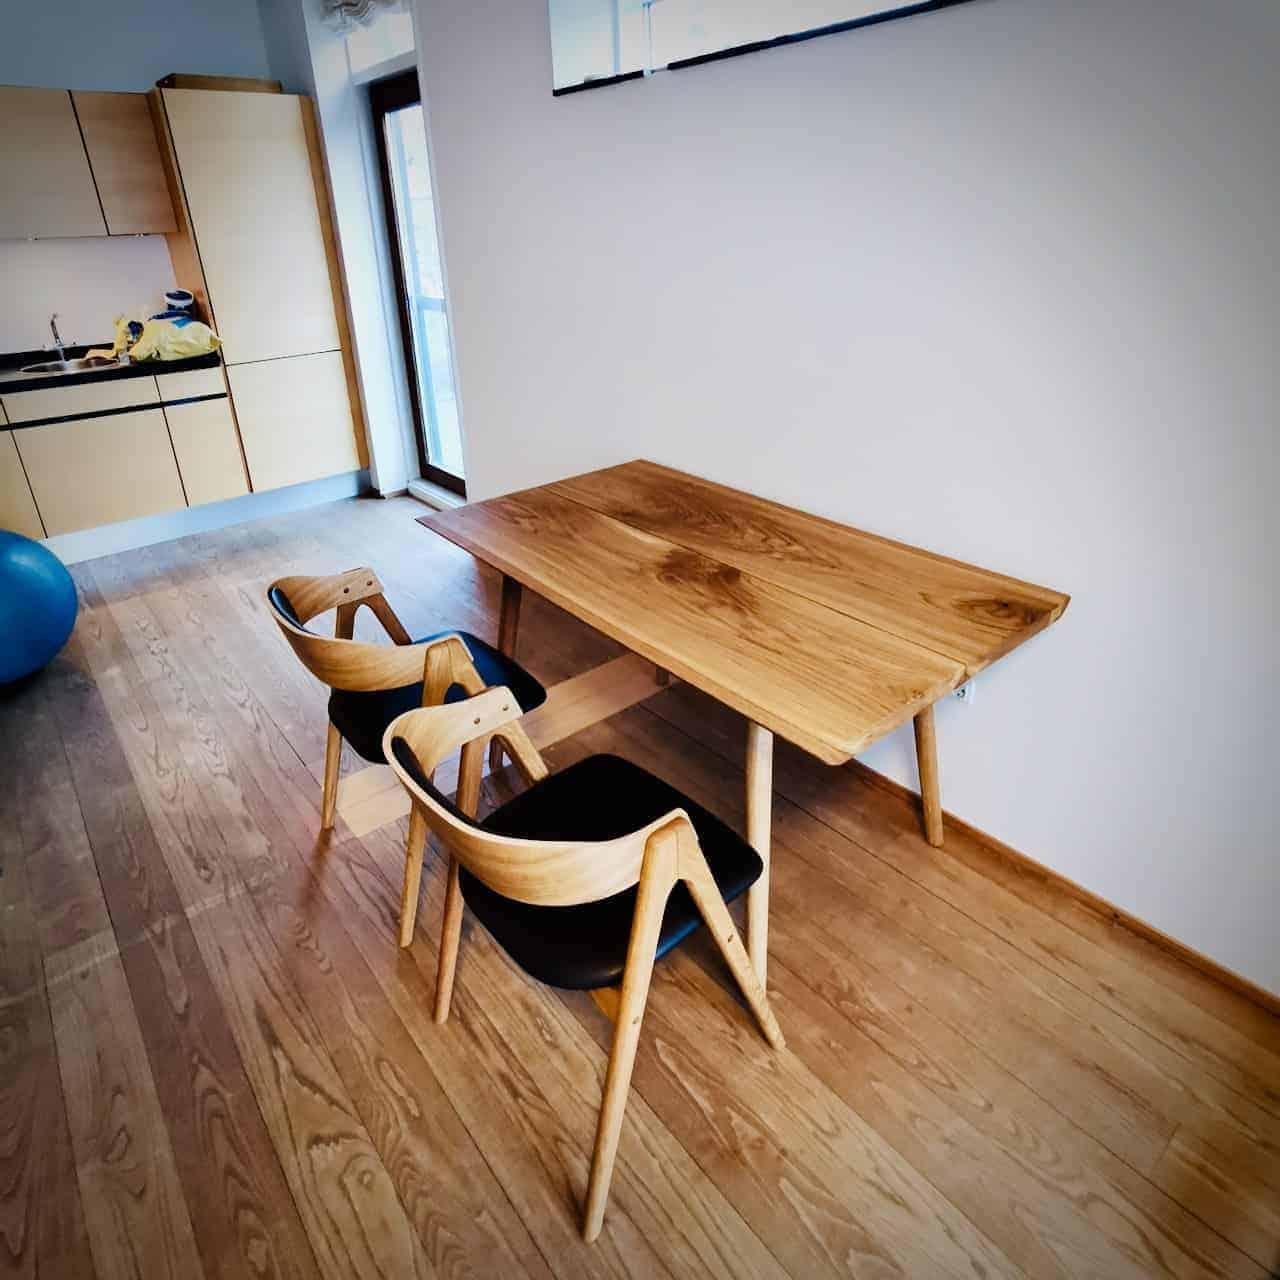 Vin sengebord talerstol seng hylde sofa skrivebord 18